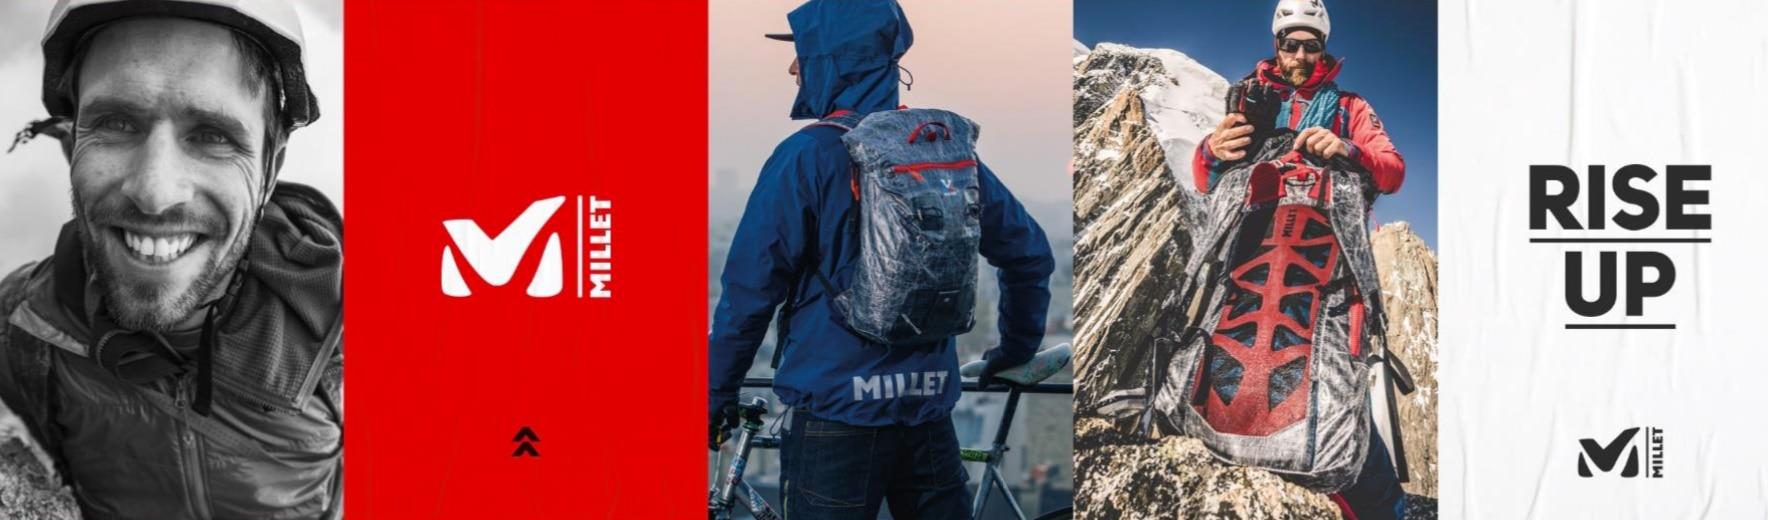 Photo of Qualunque sia la tua idea di arrampicata, il Millet Rise Up Tour 2019 ti aspetta a Milano e Roma